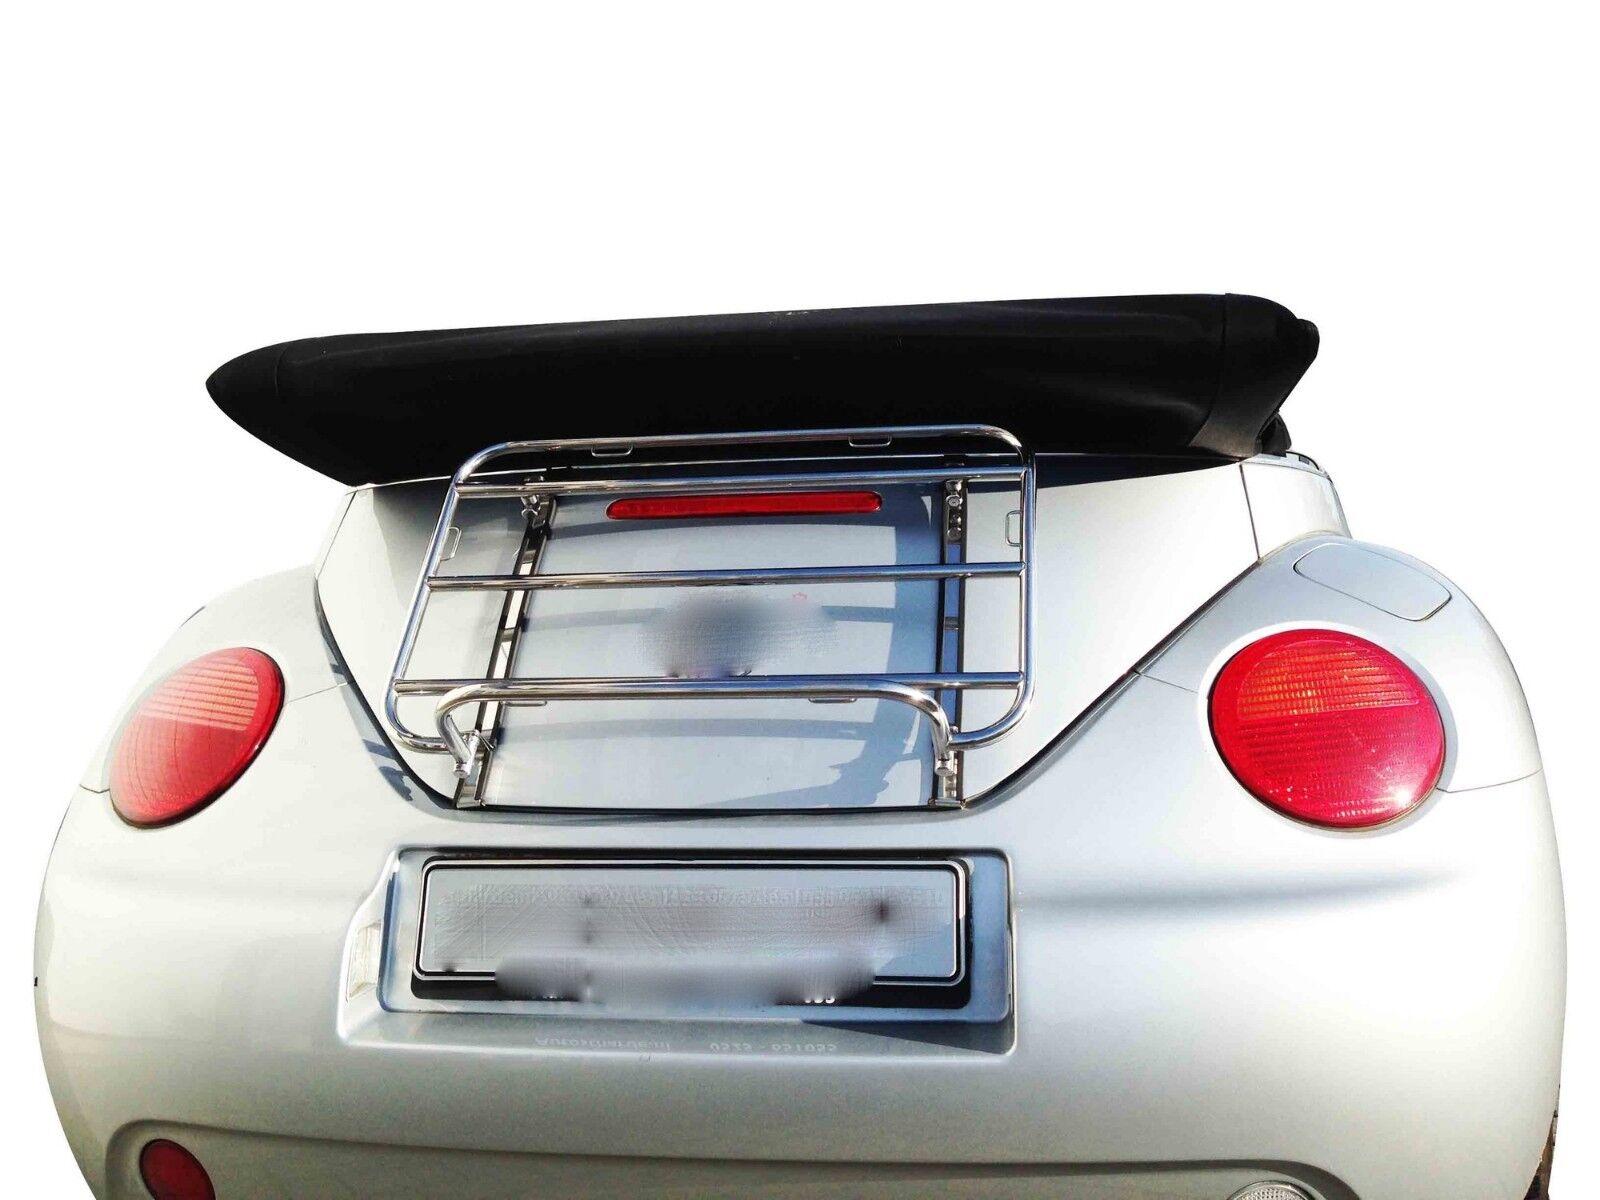 Für Volkswagen New Beetle Cabrio Gepäckträger 03-10 Heckgepäckträger 1Y7